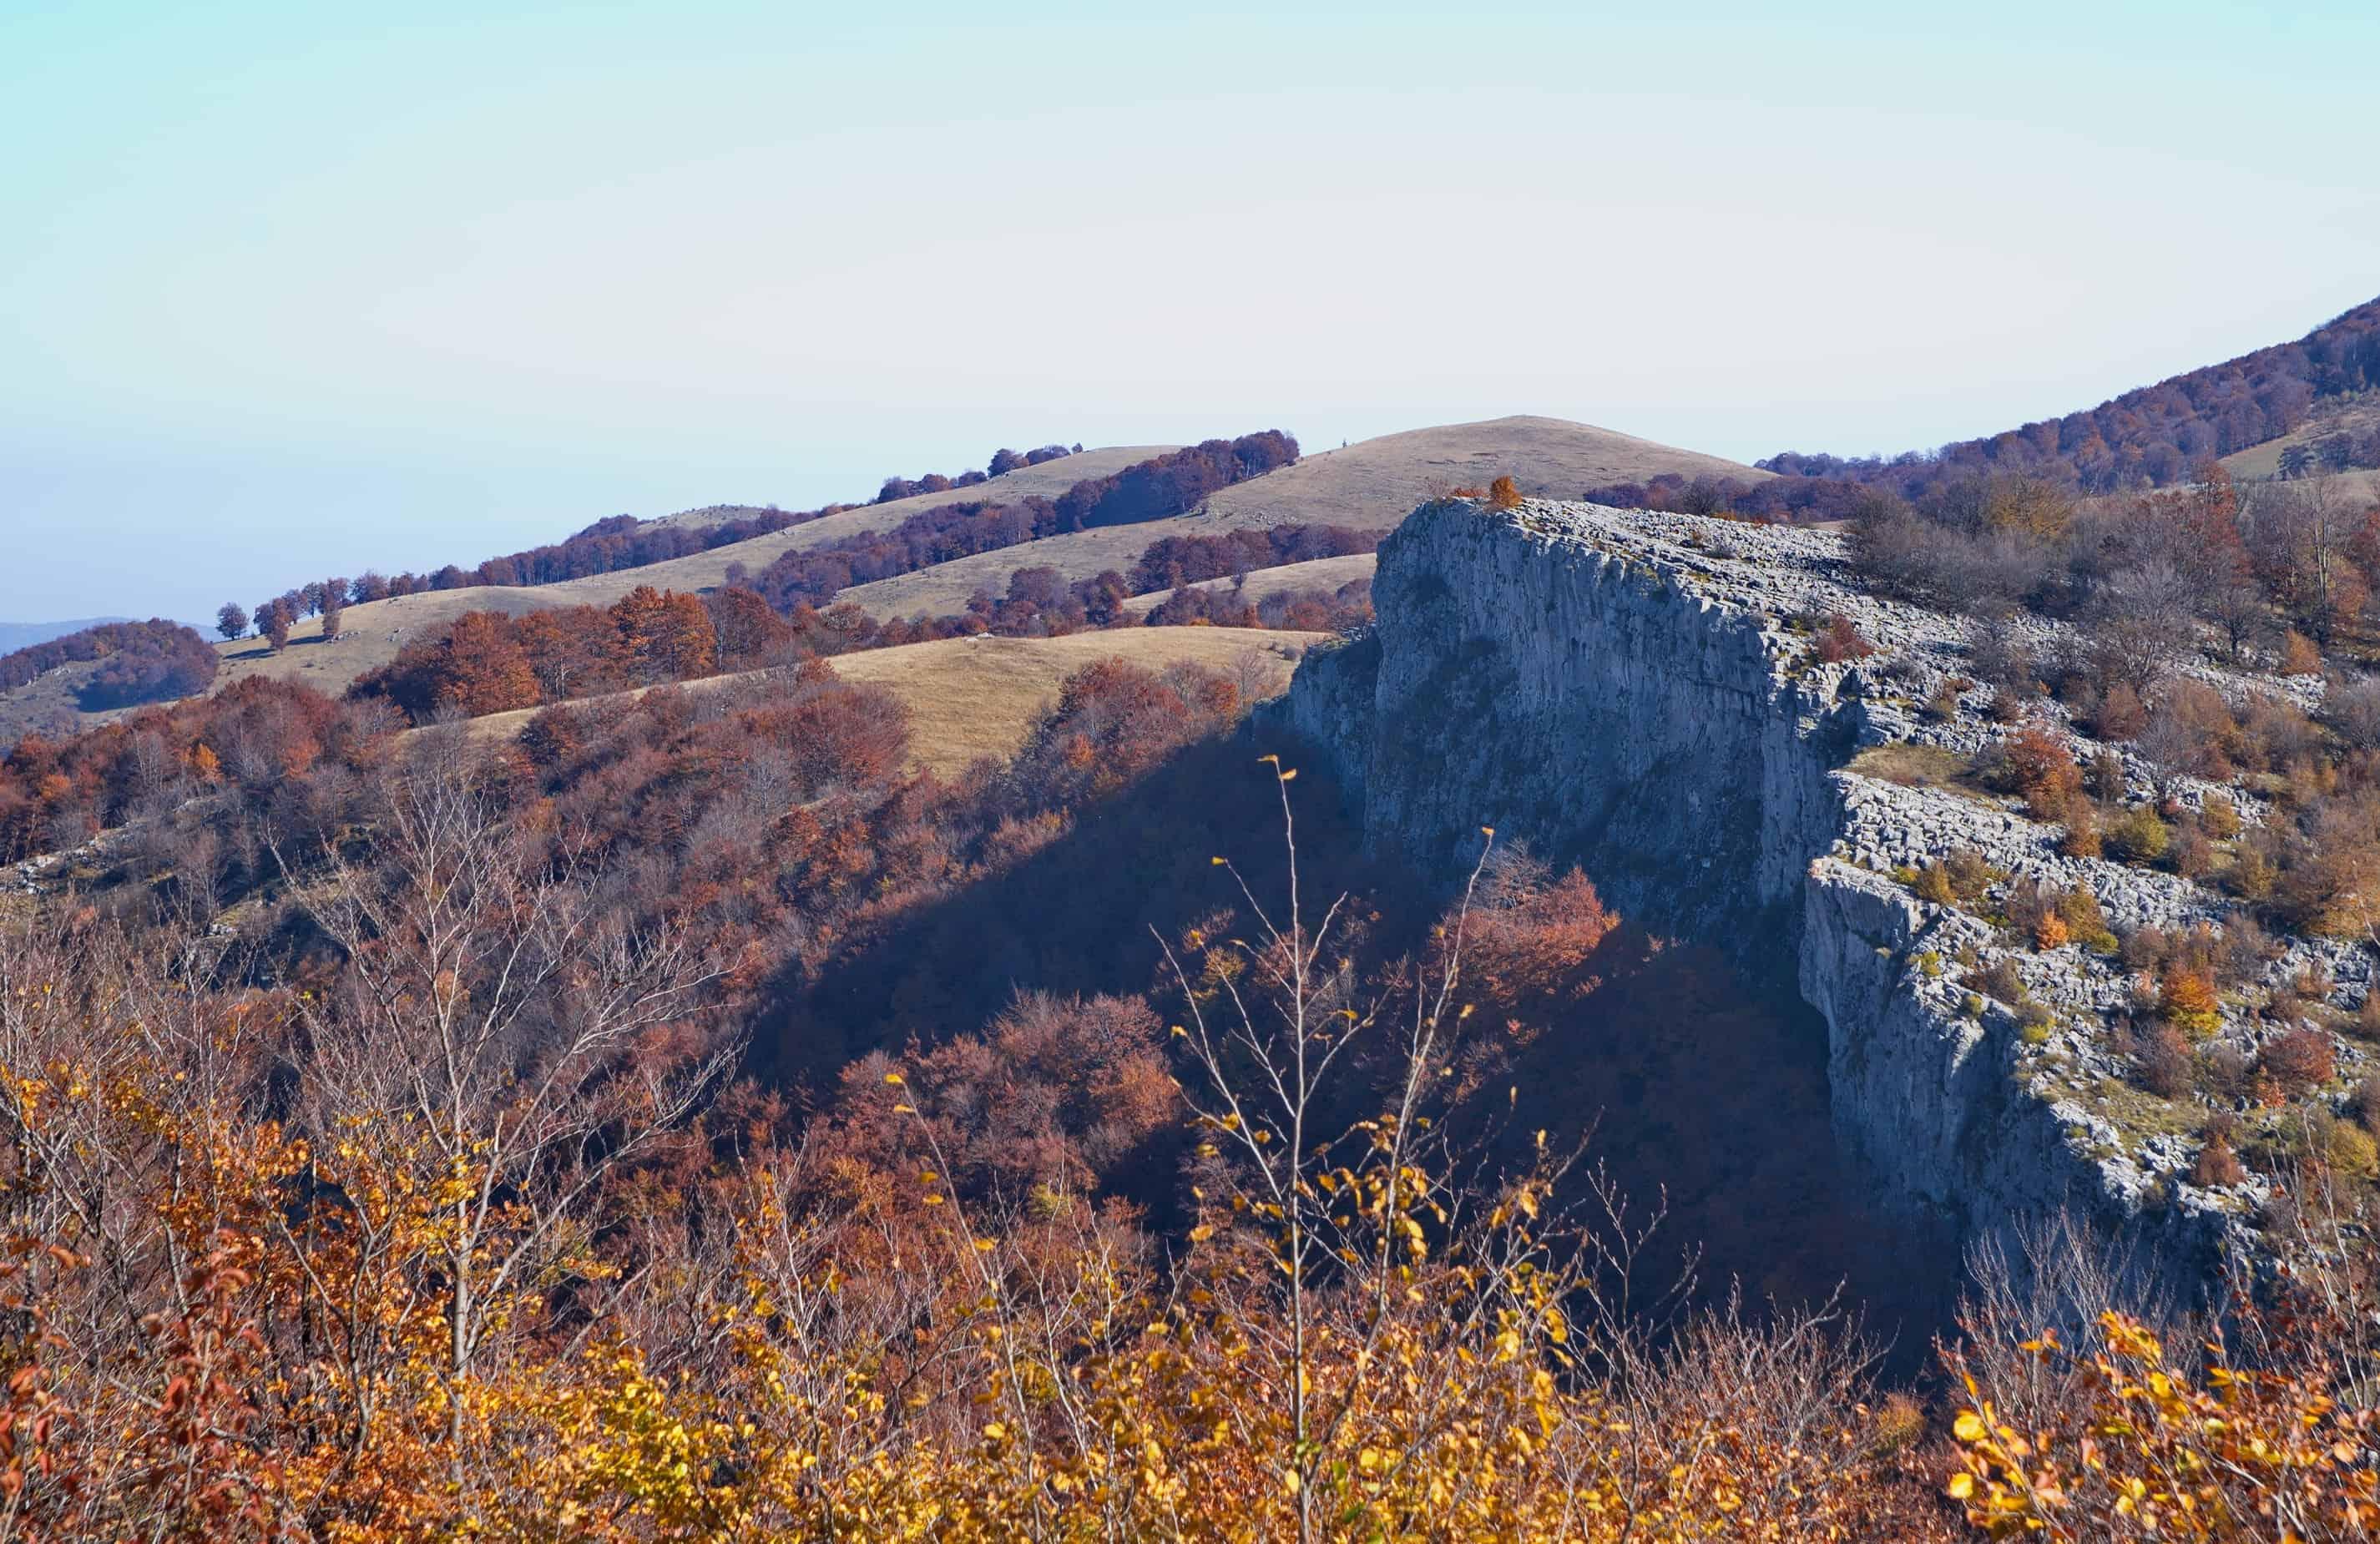 Karst field - Photo: Vrachanski Balkan Nature Park, Krasimir Lakovski